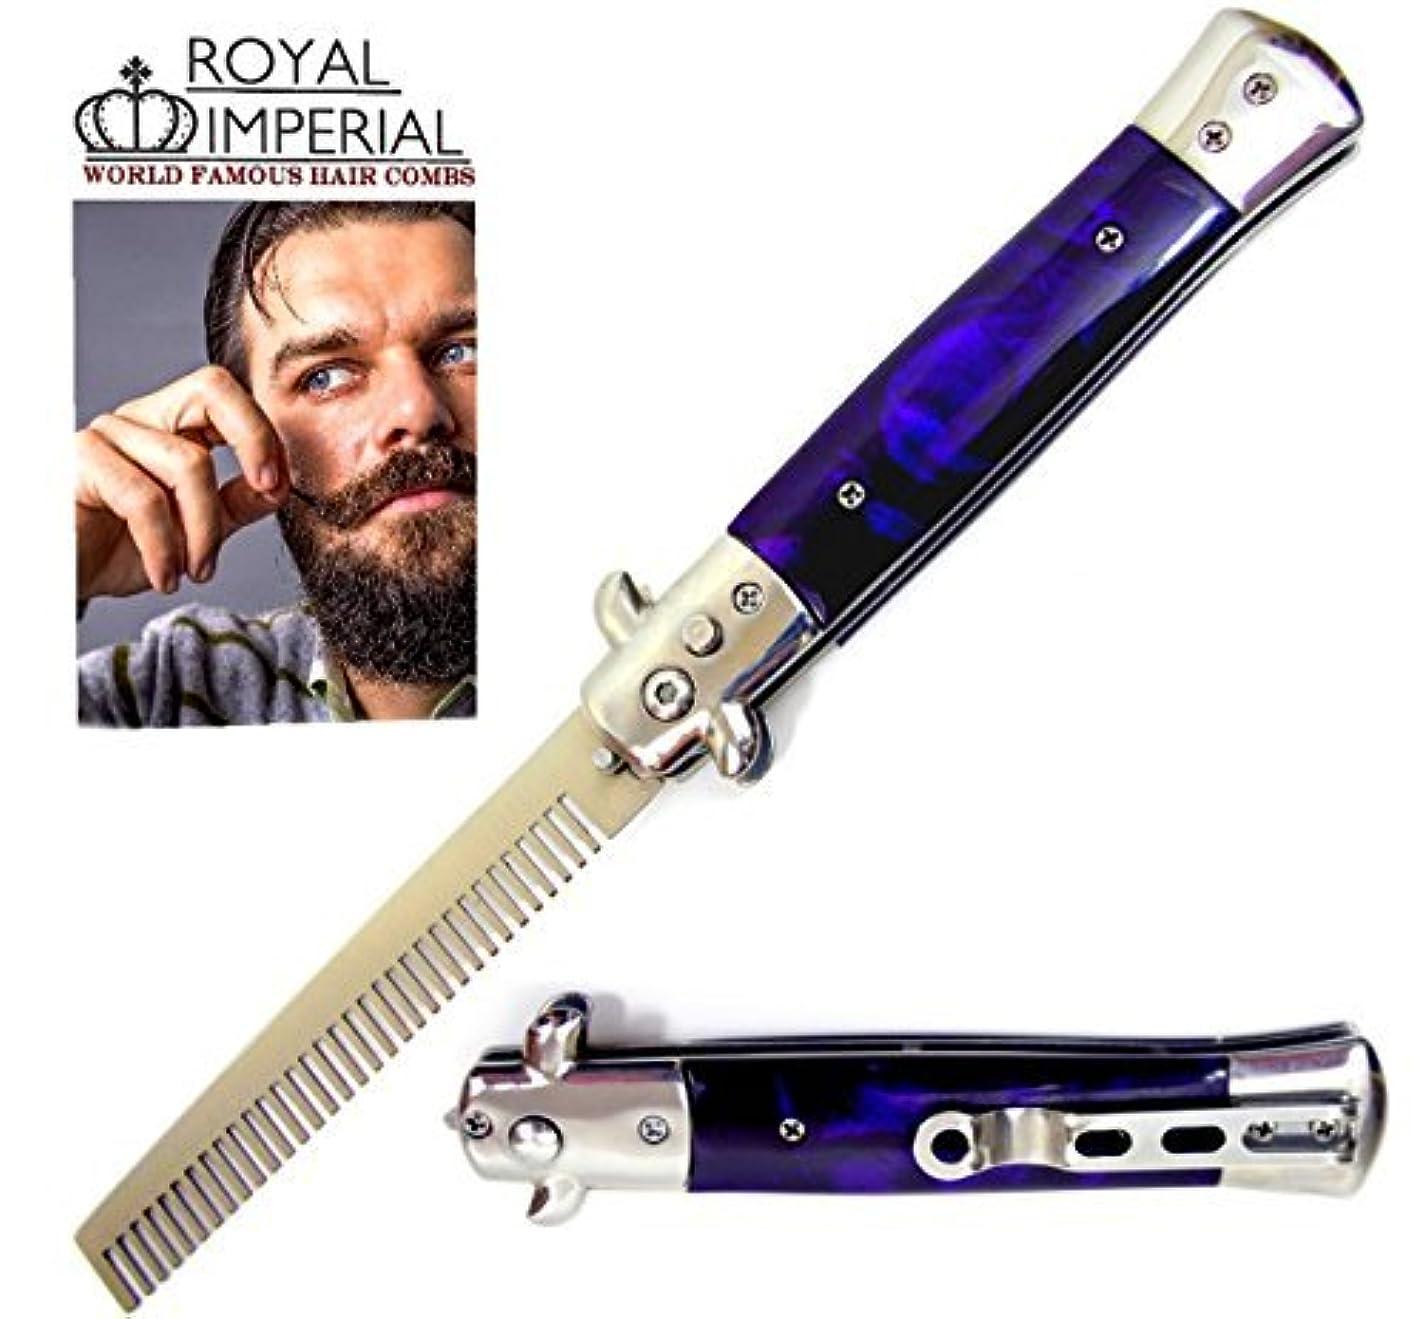 特権的より平らな退化するRoyal Imperial Metal Switchblade Pocket Folding Flick Hair Comb For Beard, Mustache, Head PURPLE THUNDER Handle ~ INCLUDES Beard Fact Wallet Book ~ Nicer Than Butterfly Knife Trainer [並行輸入品]